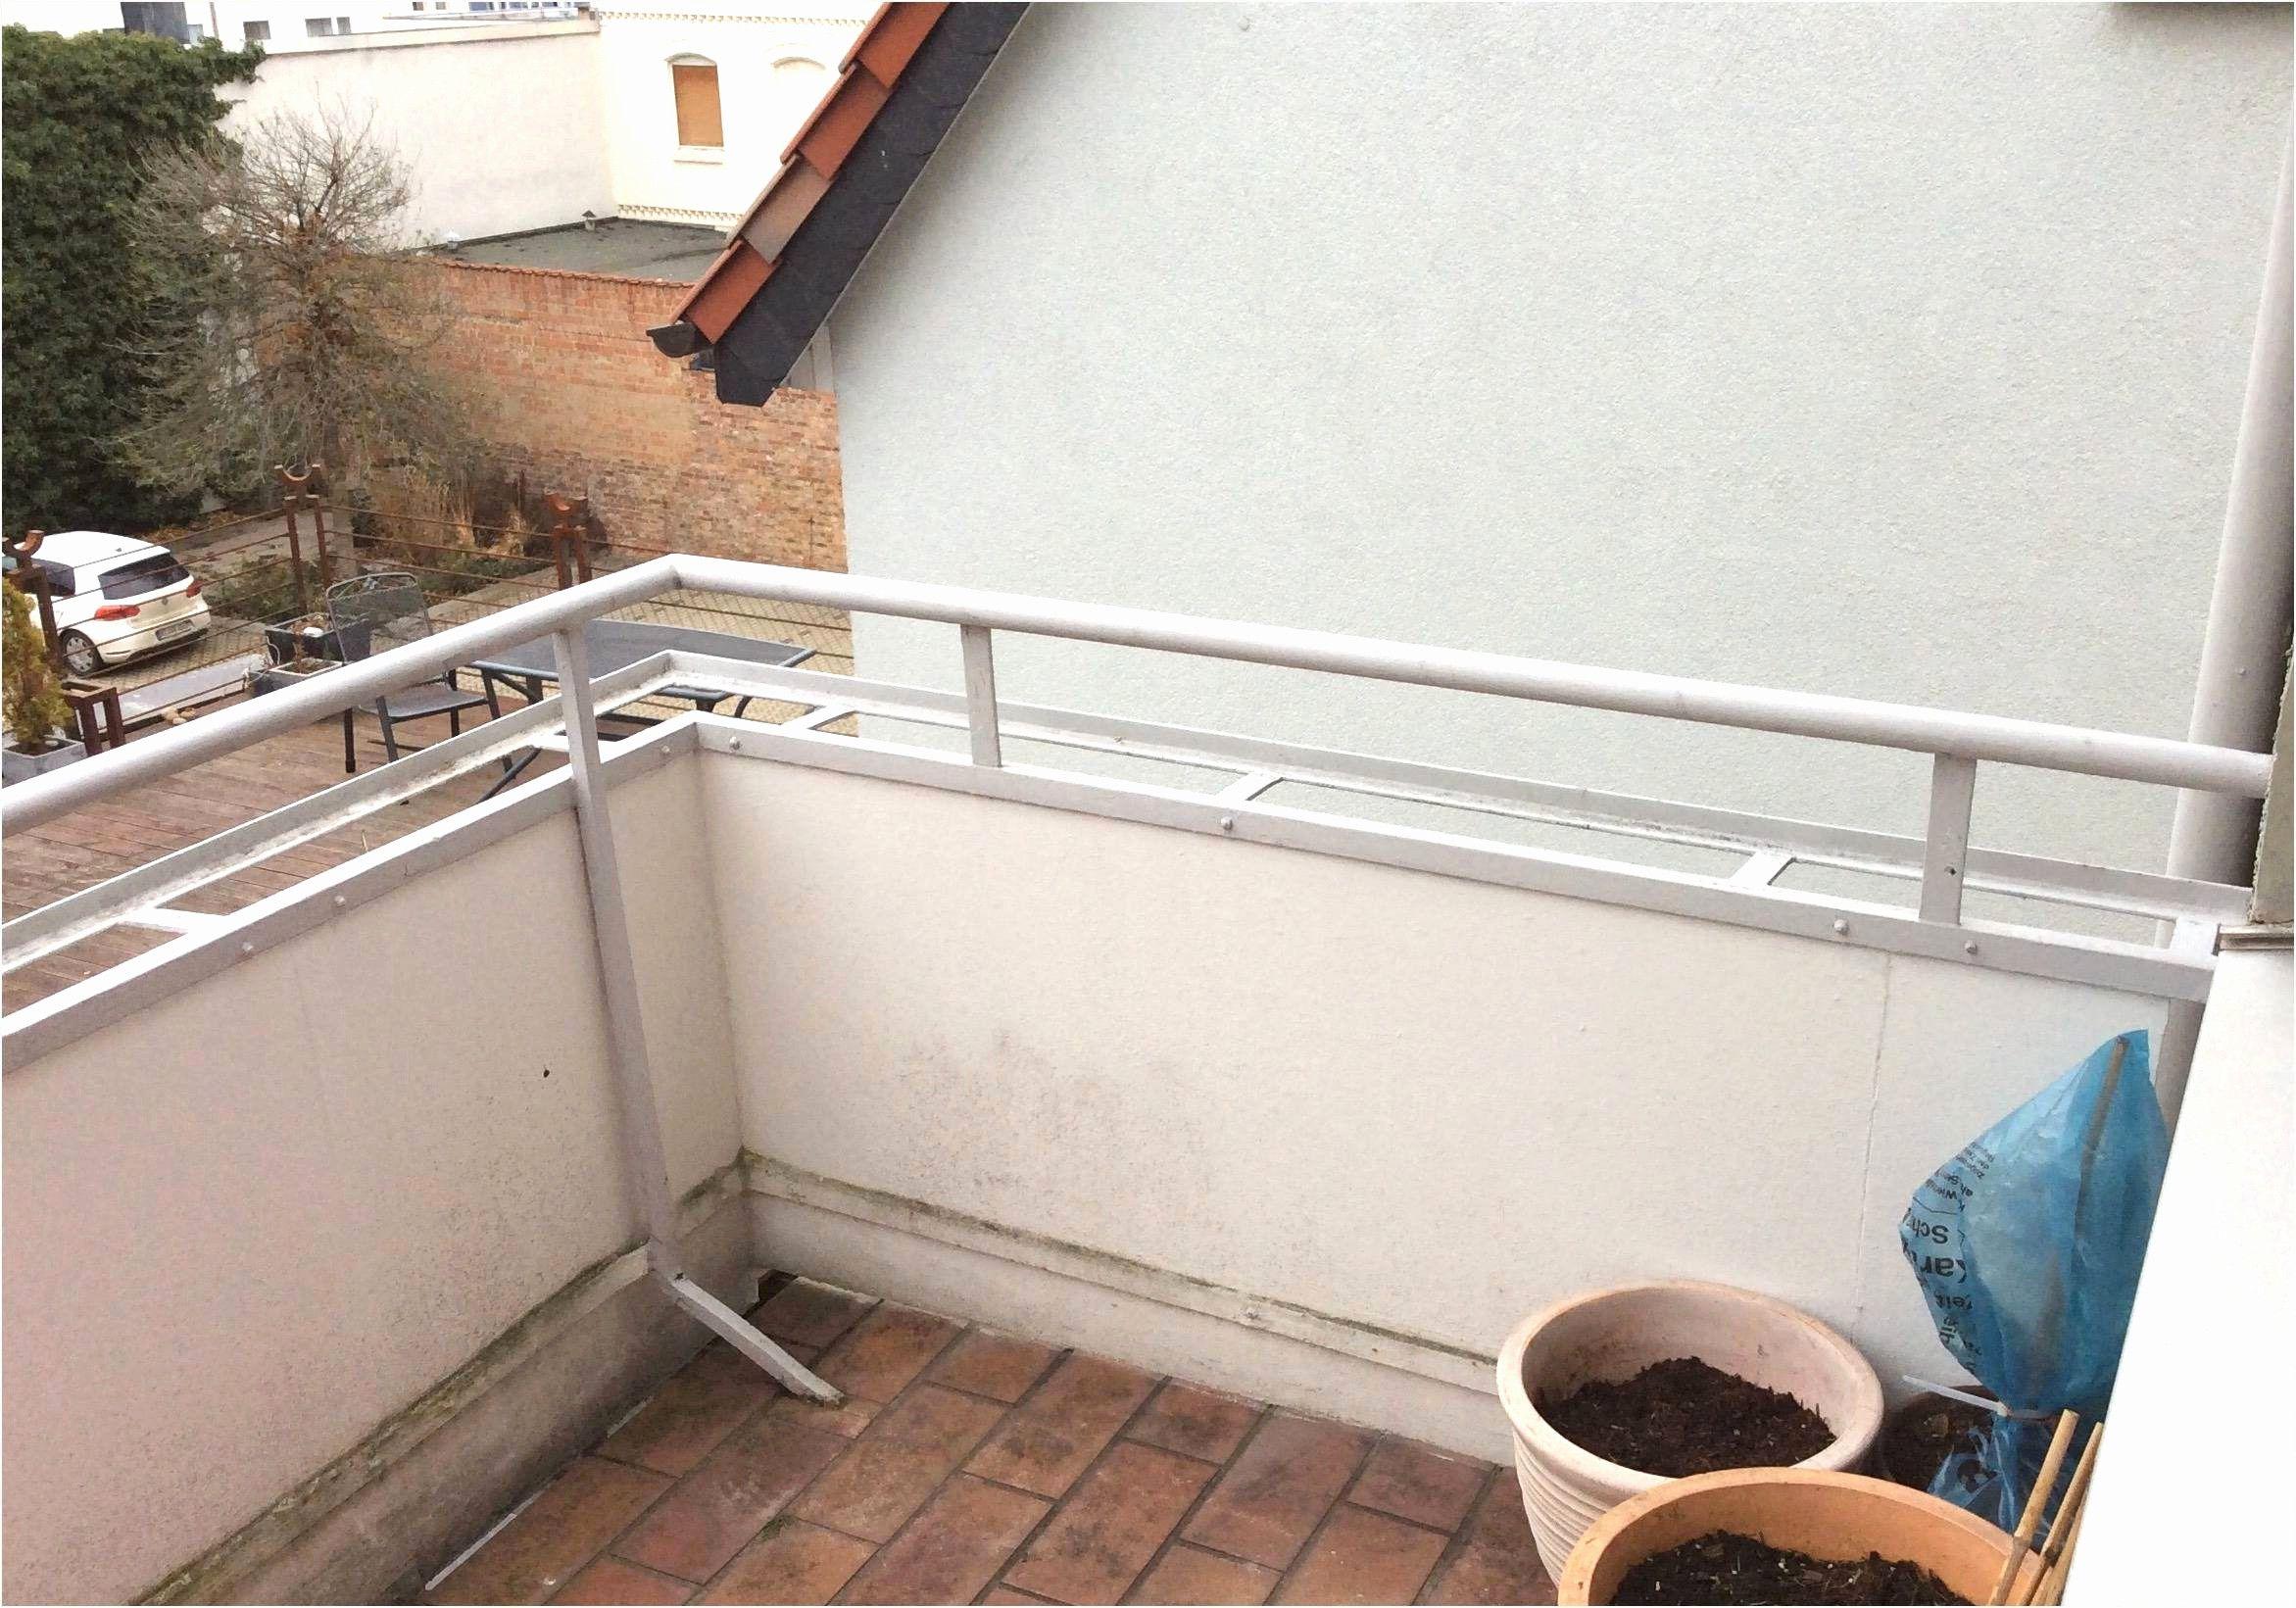 Oberteil 43 Für Balkon Sichtschutz Stoff